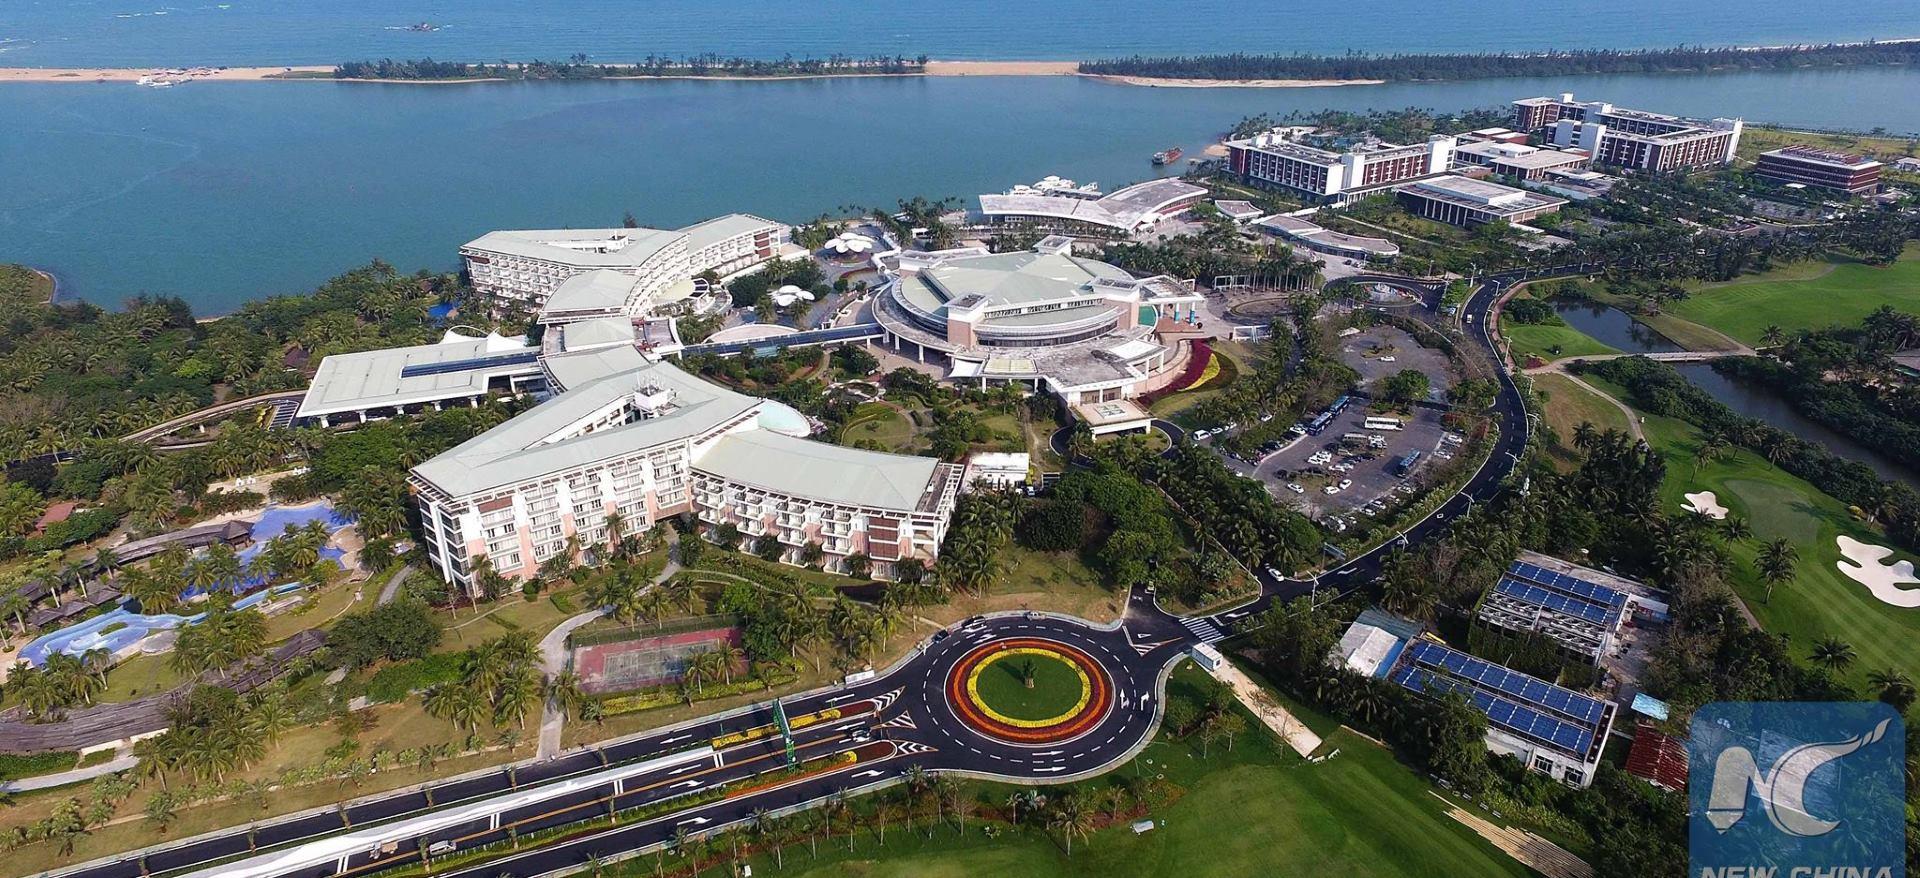 VIDEO: Poruke svjetskih vođa na otvorenju konferencije 'Boao Forum for Asia'